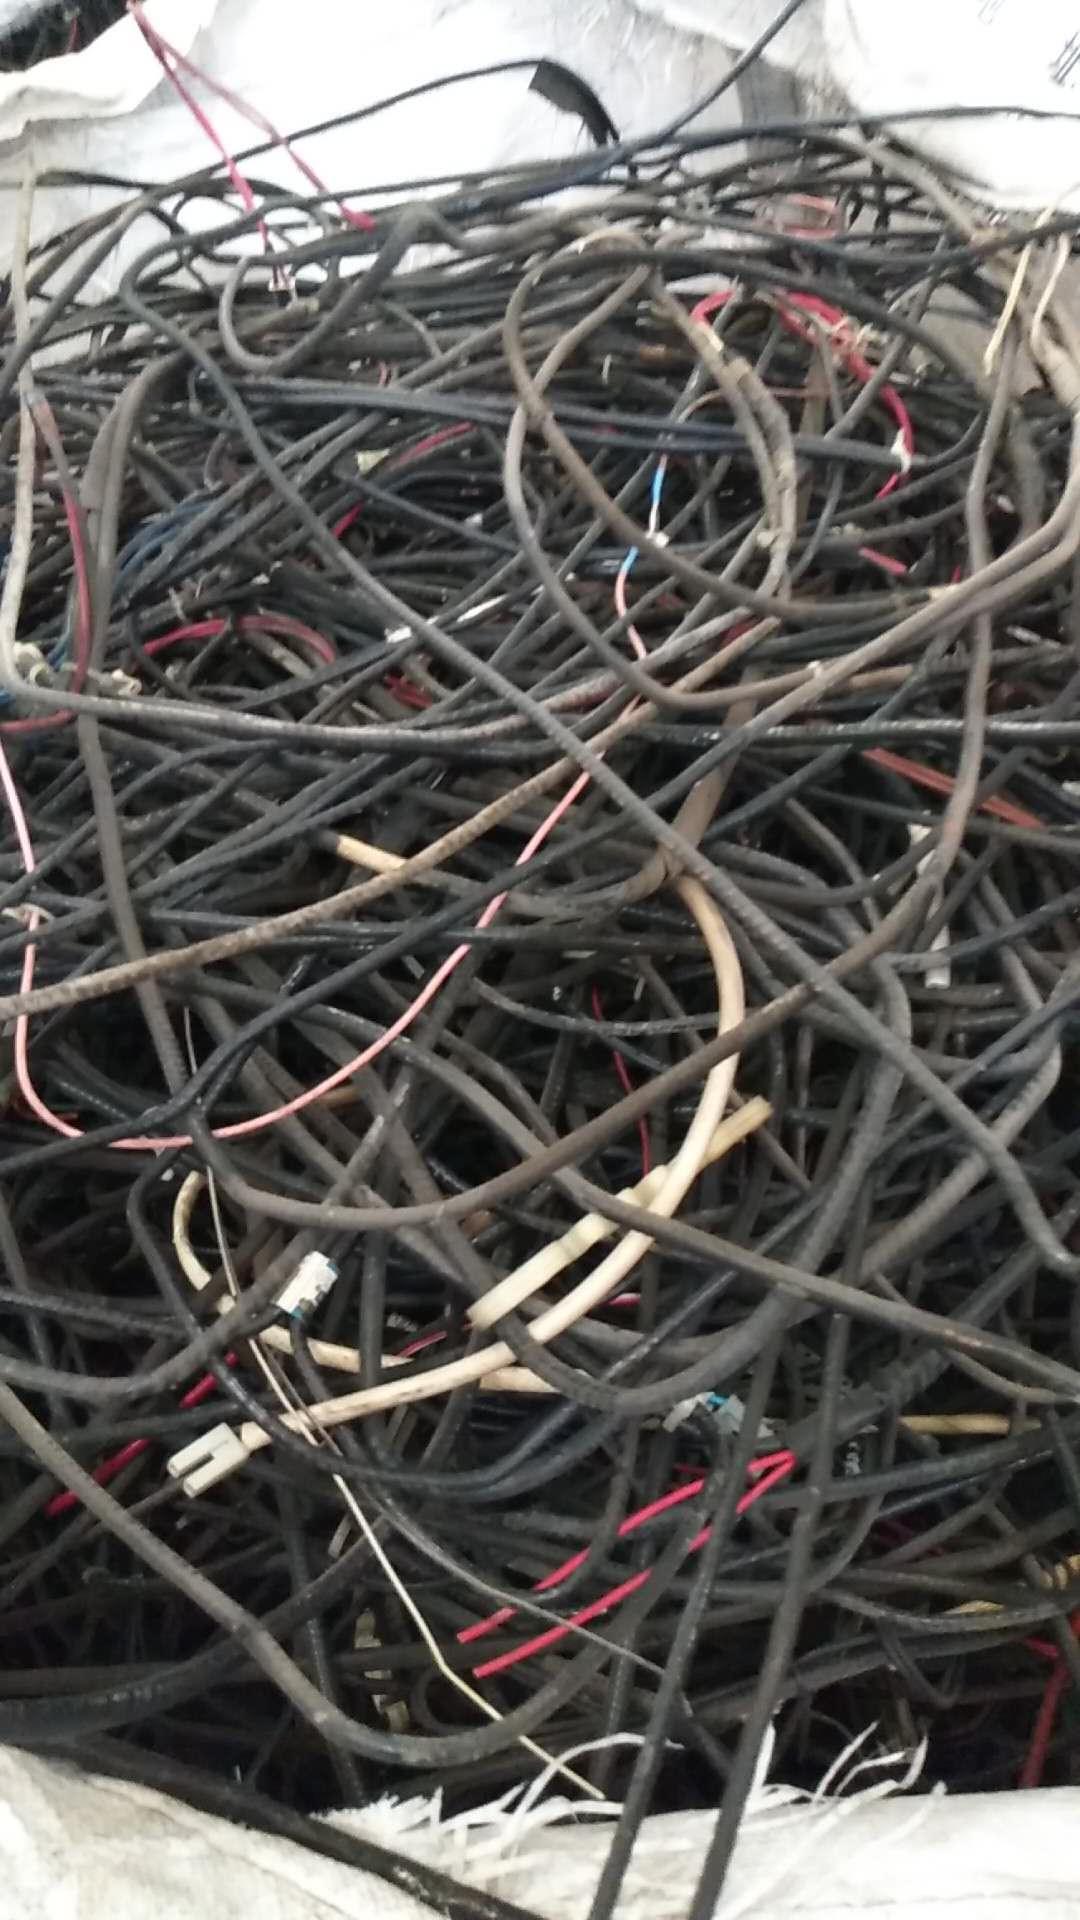 供应铜消磁线_crt电视机_废家电_废电器_供应_易再生网